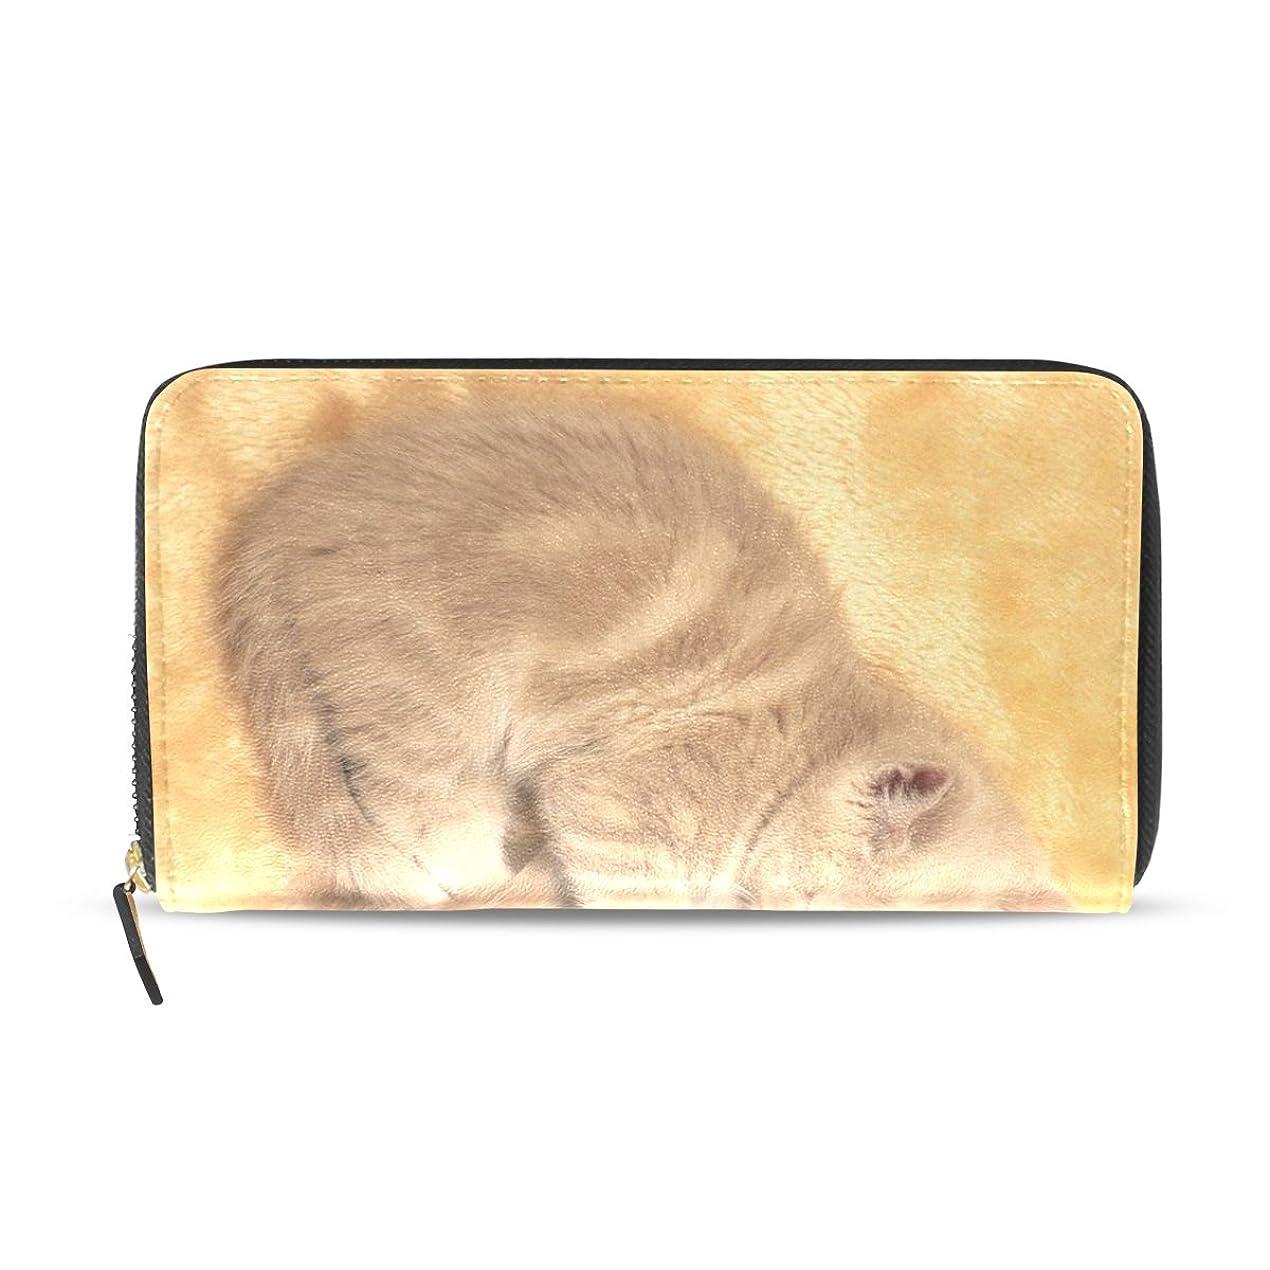 偽造頭痛降伏GORIRA(ゴリラ) 心形 お互い抱く二つ猫 長財布 レディース ダブルサイド印刷 ファスナー開閉式 ウォレット